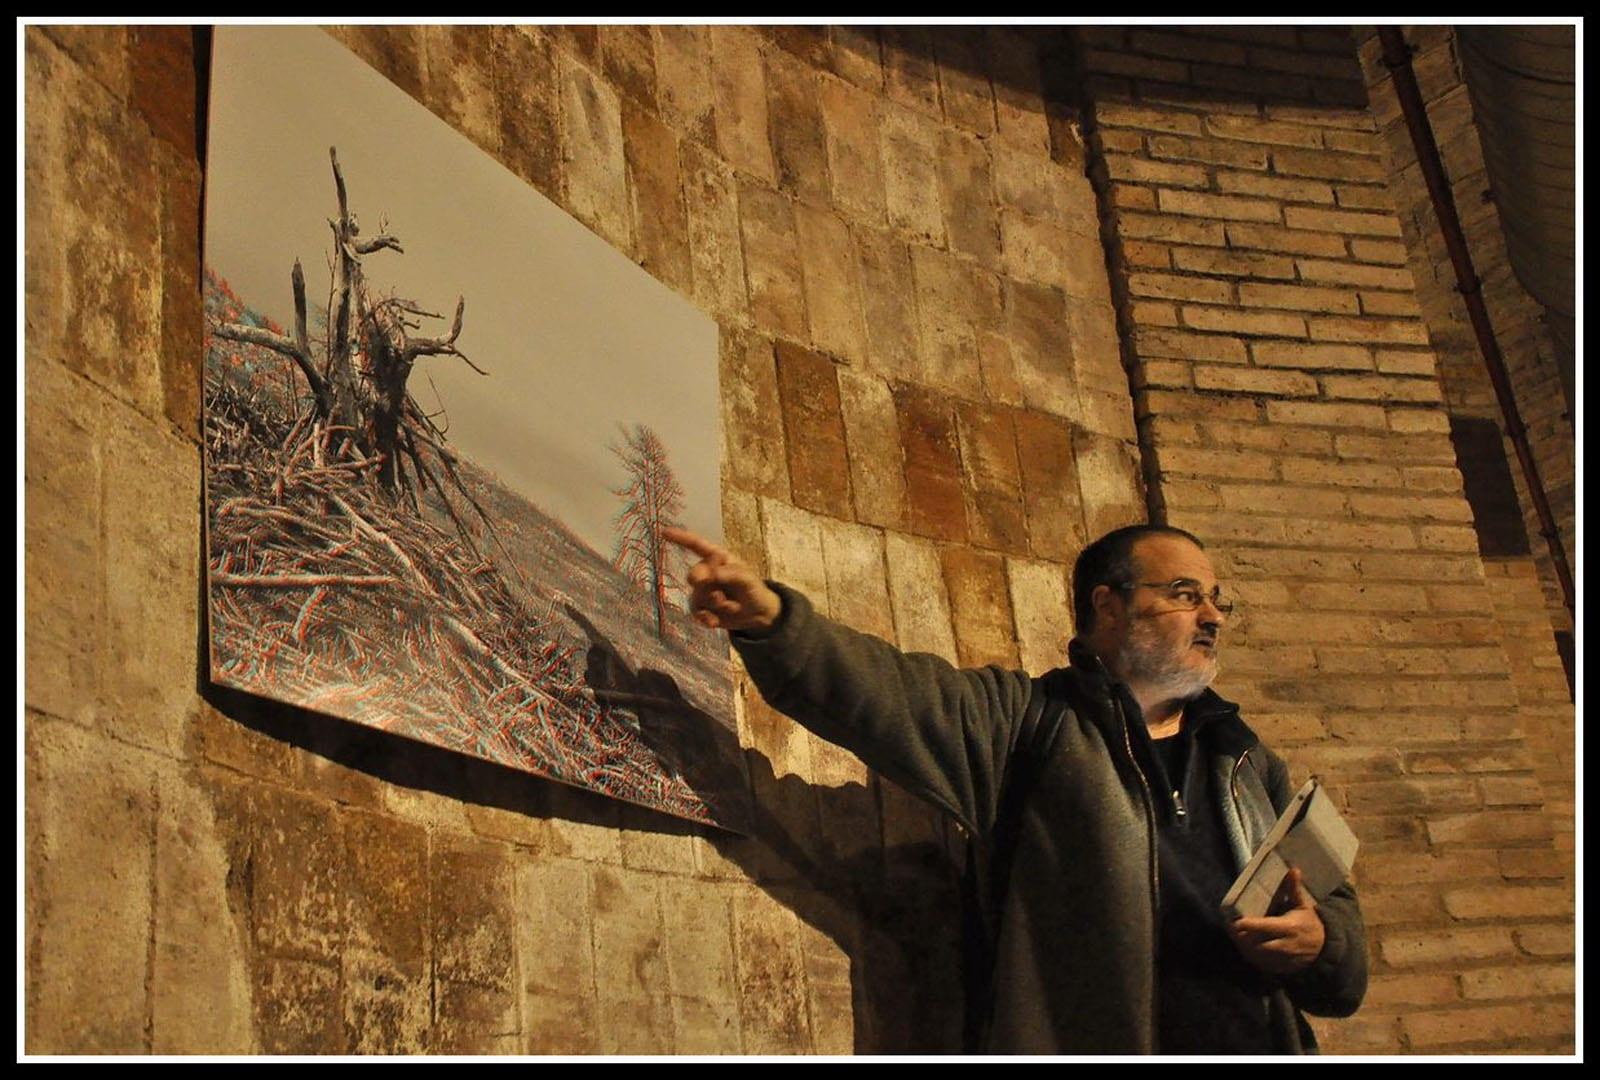 Visita guiada a l'exposició Paisatges de l'ànima de Miquel Planchart. 21/02/2015 Celler de Rubí